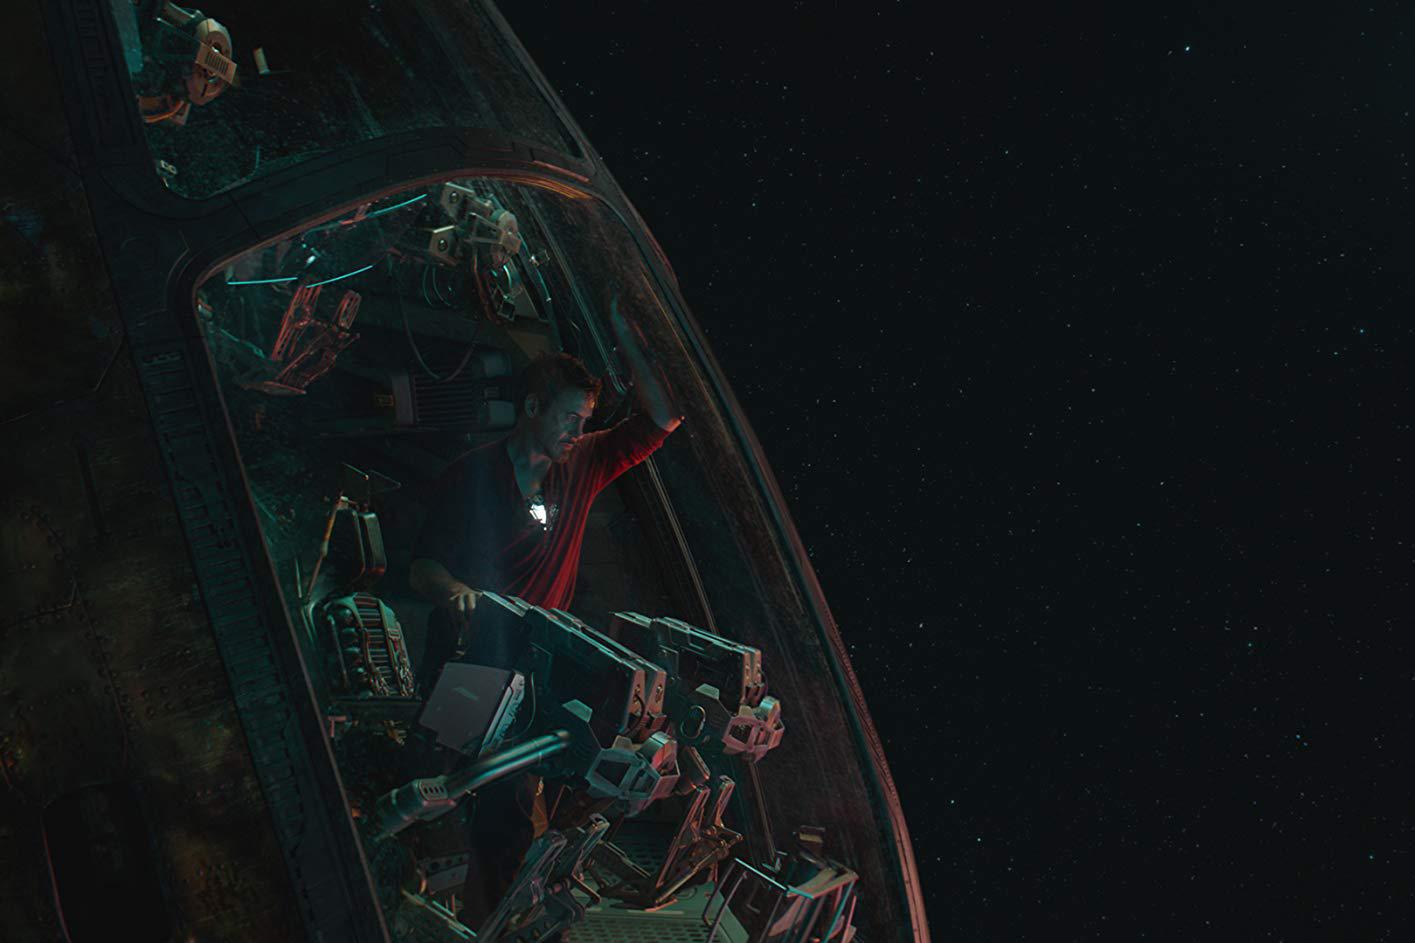 Still 17 for Avengers: Endgame